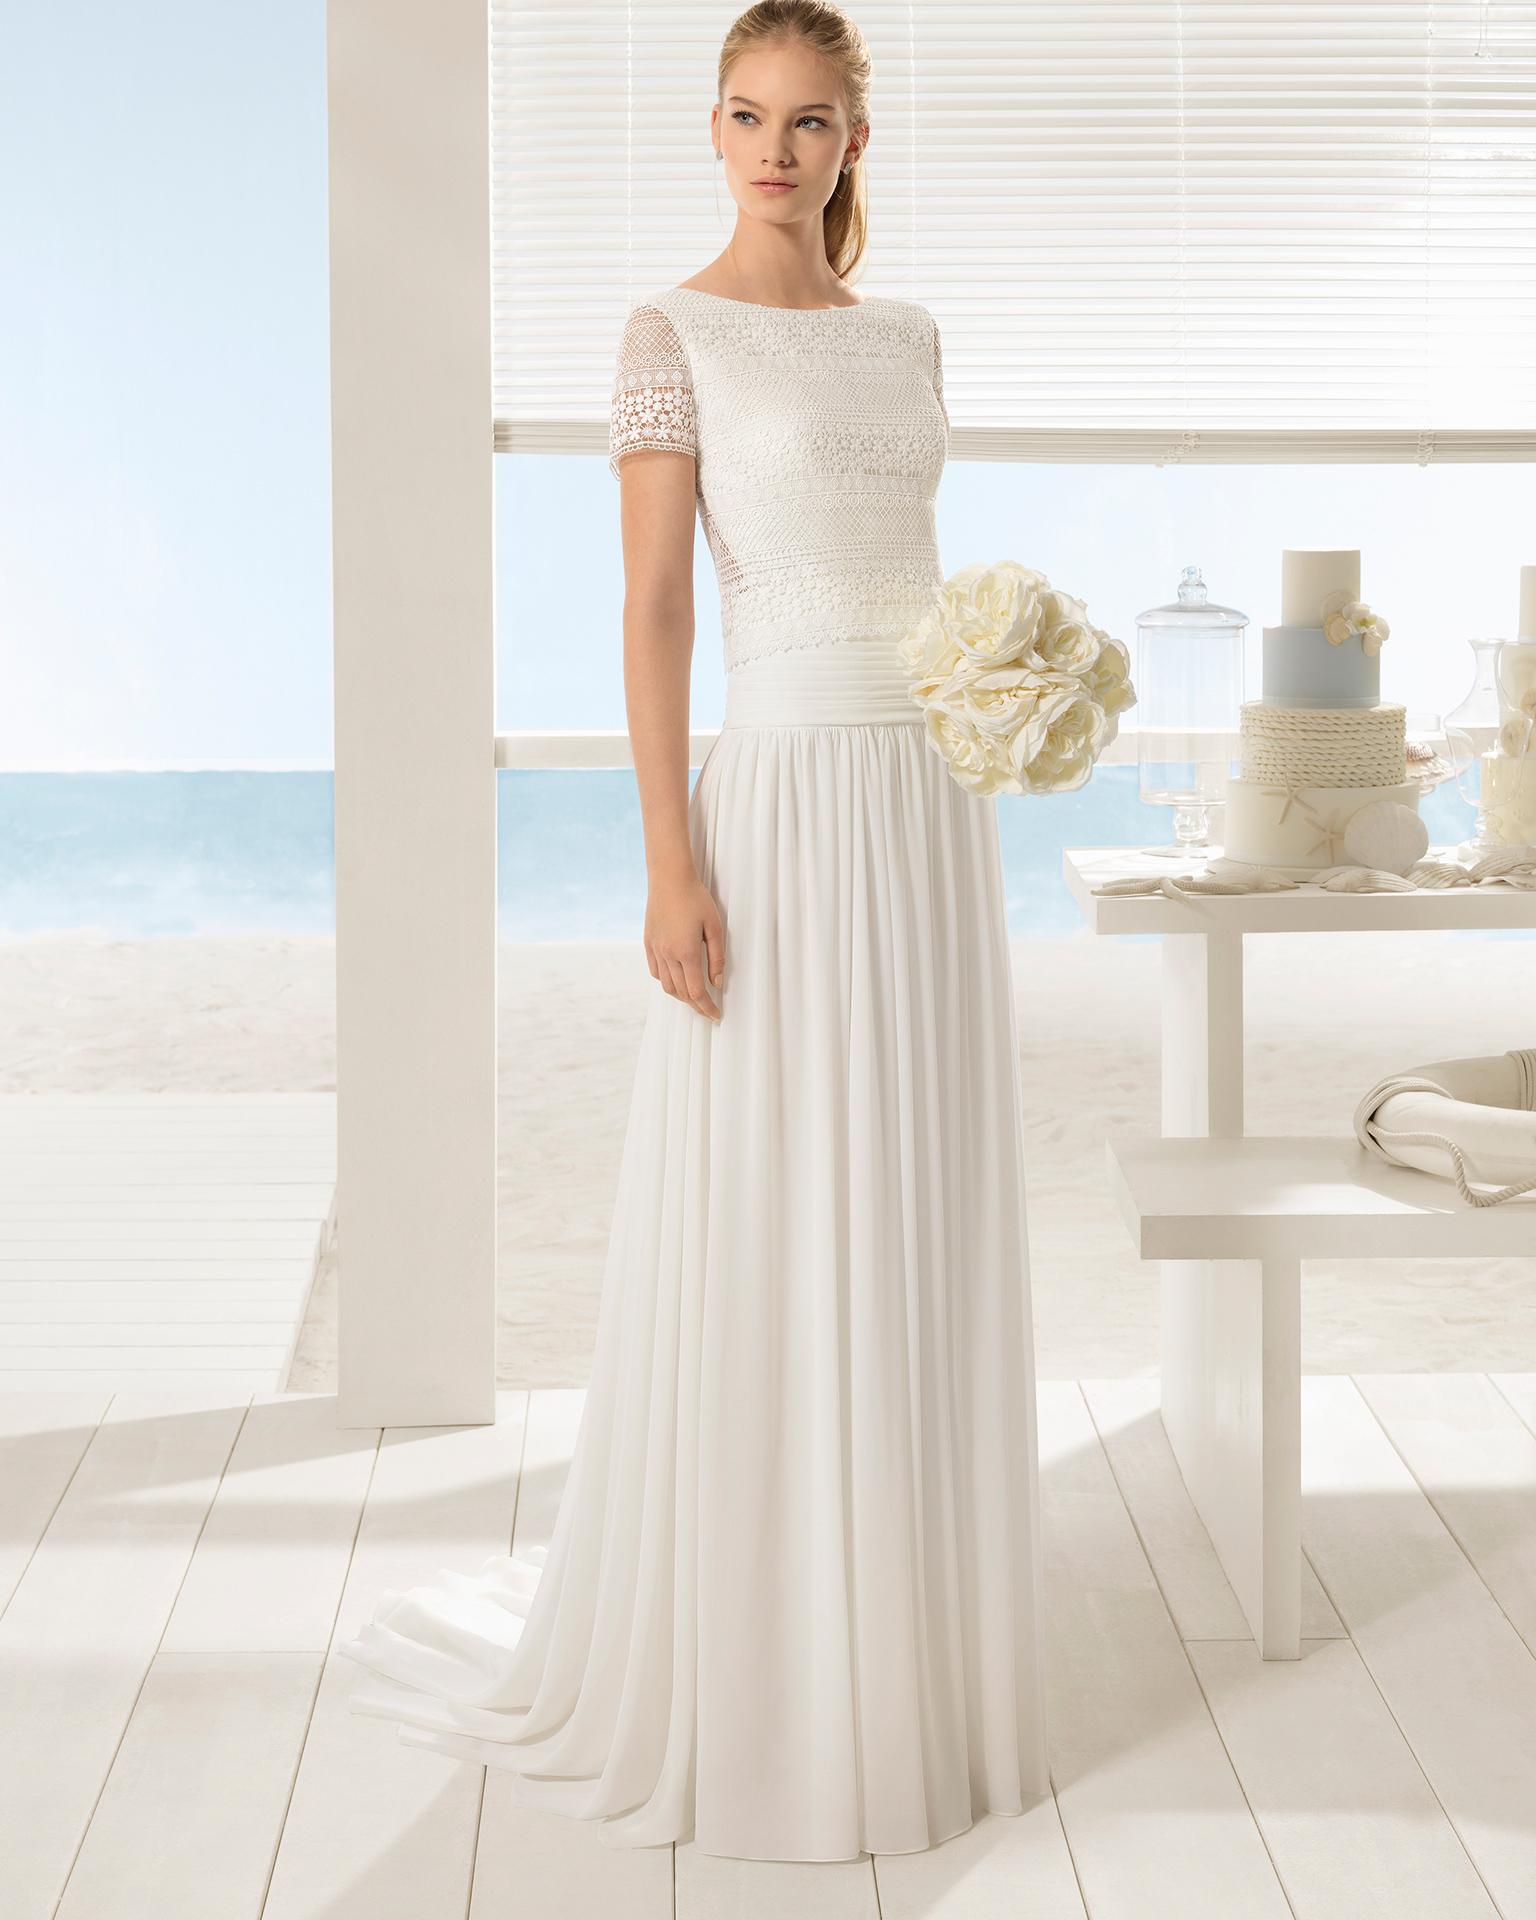 Robe de mariée trois pièces bohème en crêpe georgette et dentelle, à manches courtes.